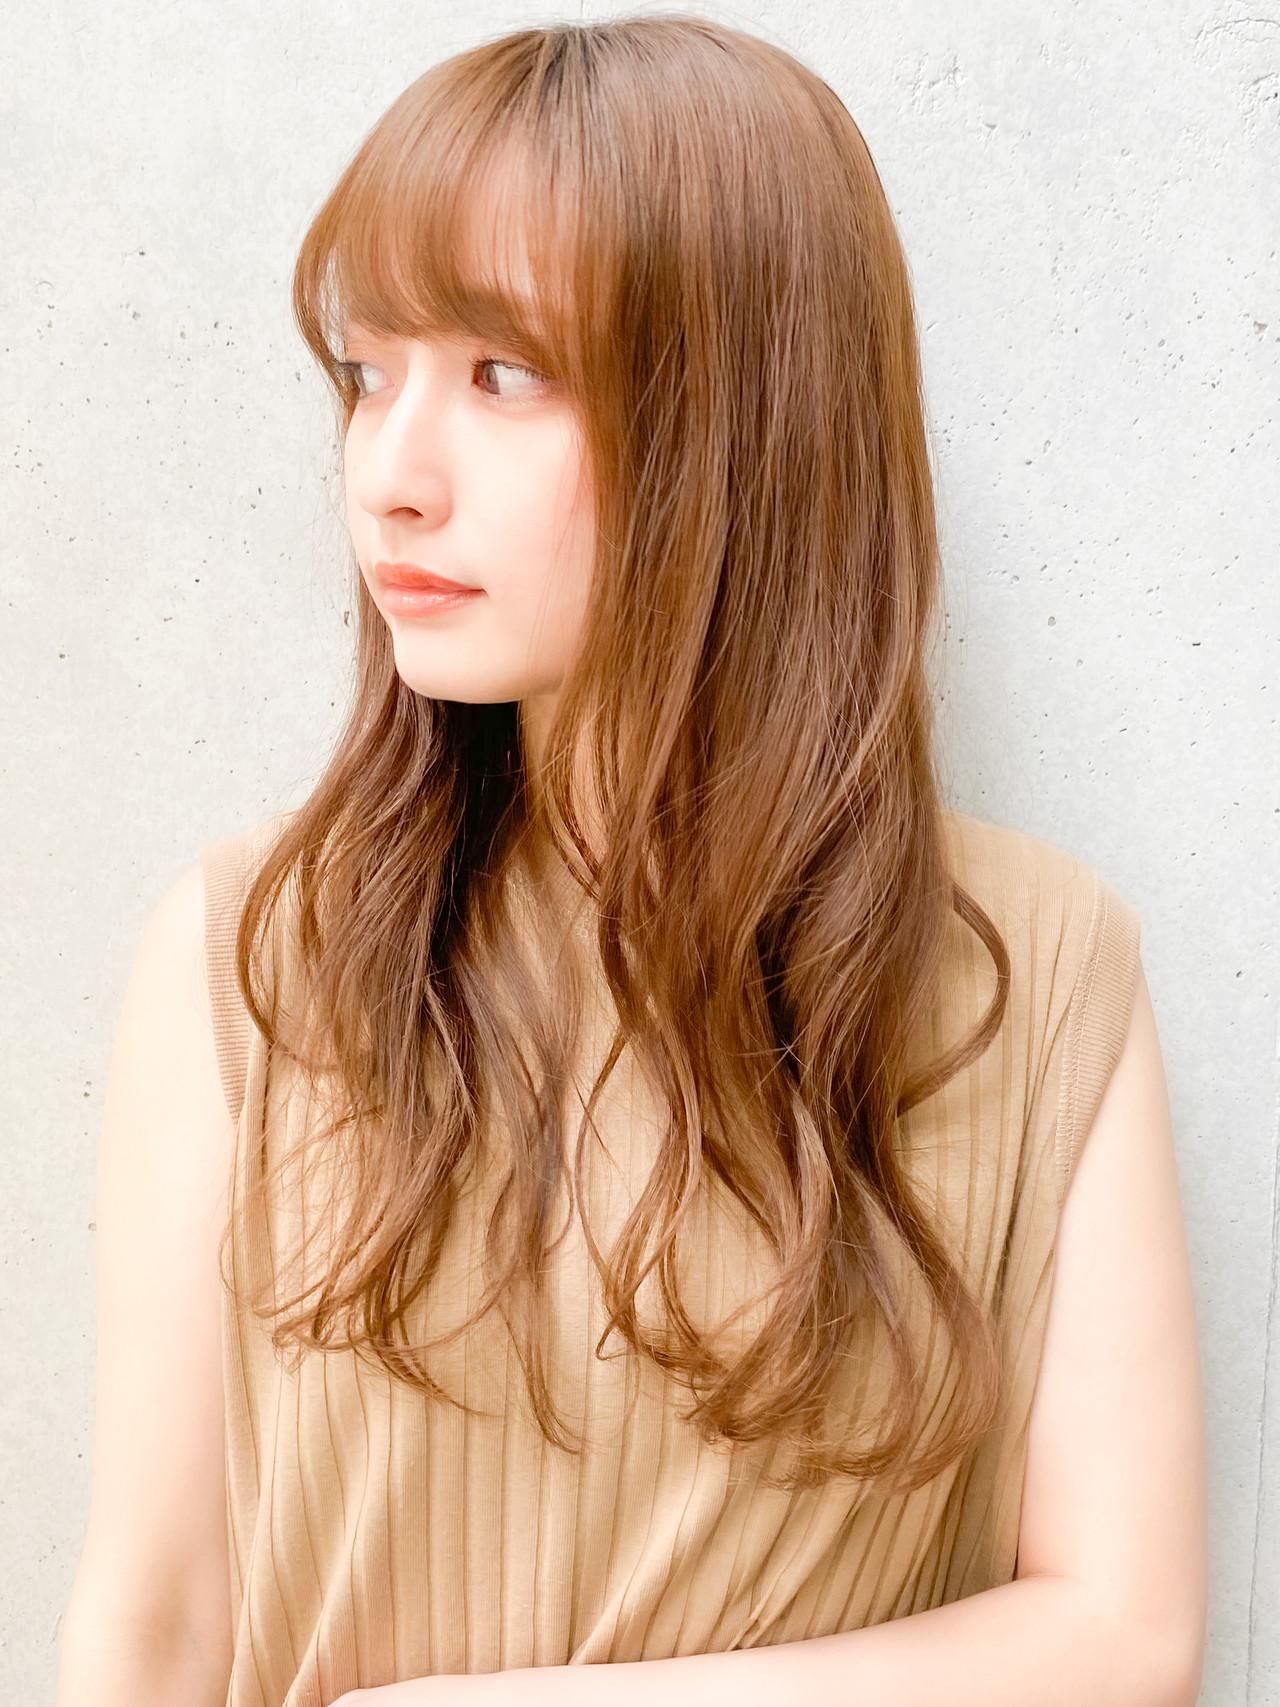 ゆるふわパーマ ナチュラル デジタルパーマ ゆるふわセット ヘアスタイルや髪型の写真・画像 | 原田 実茄 / Agnos 青山